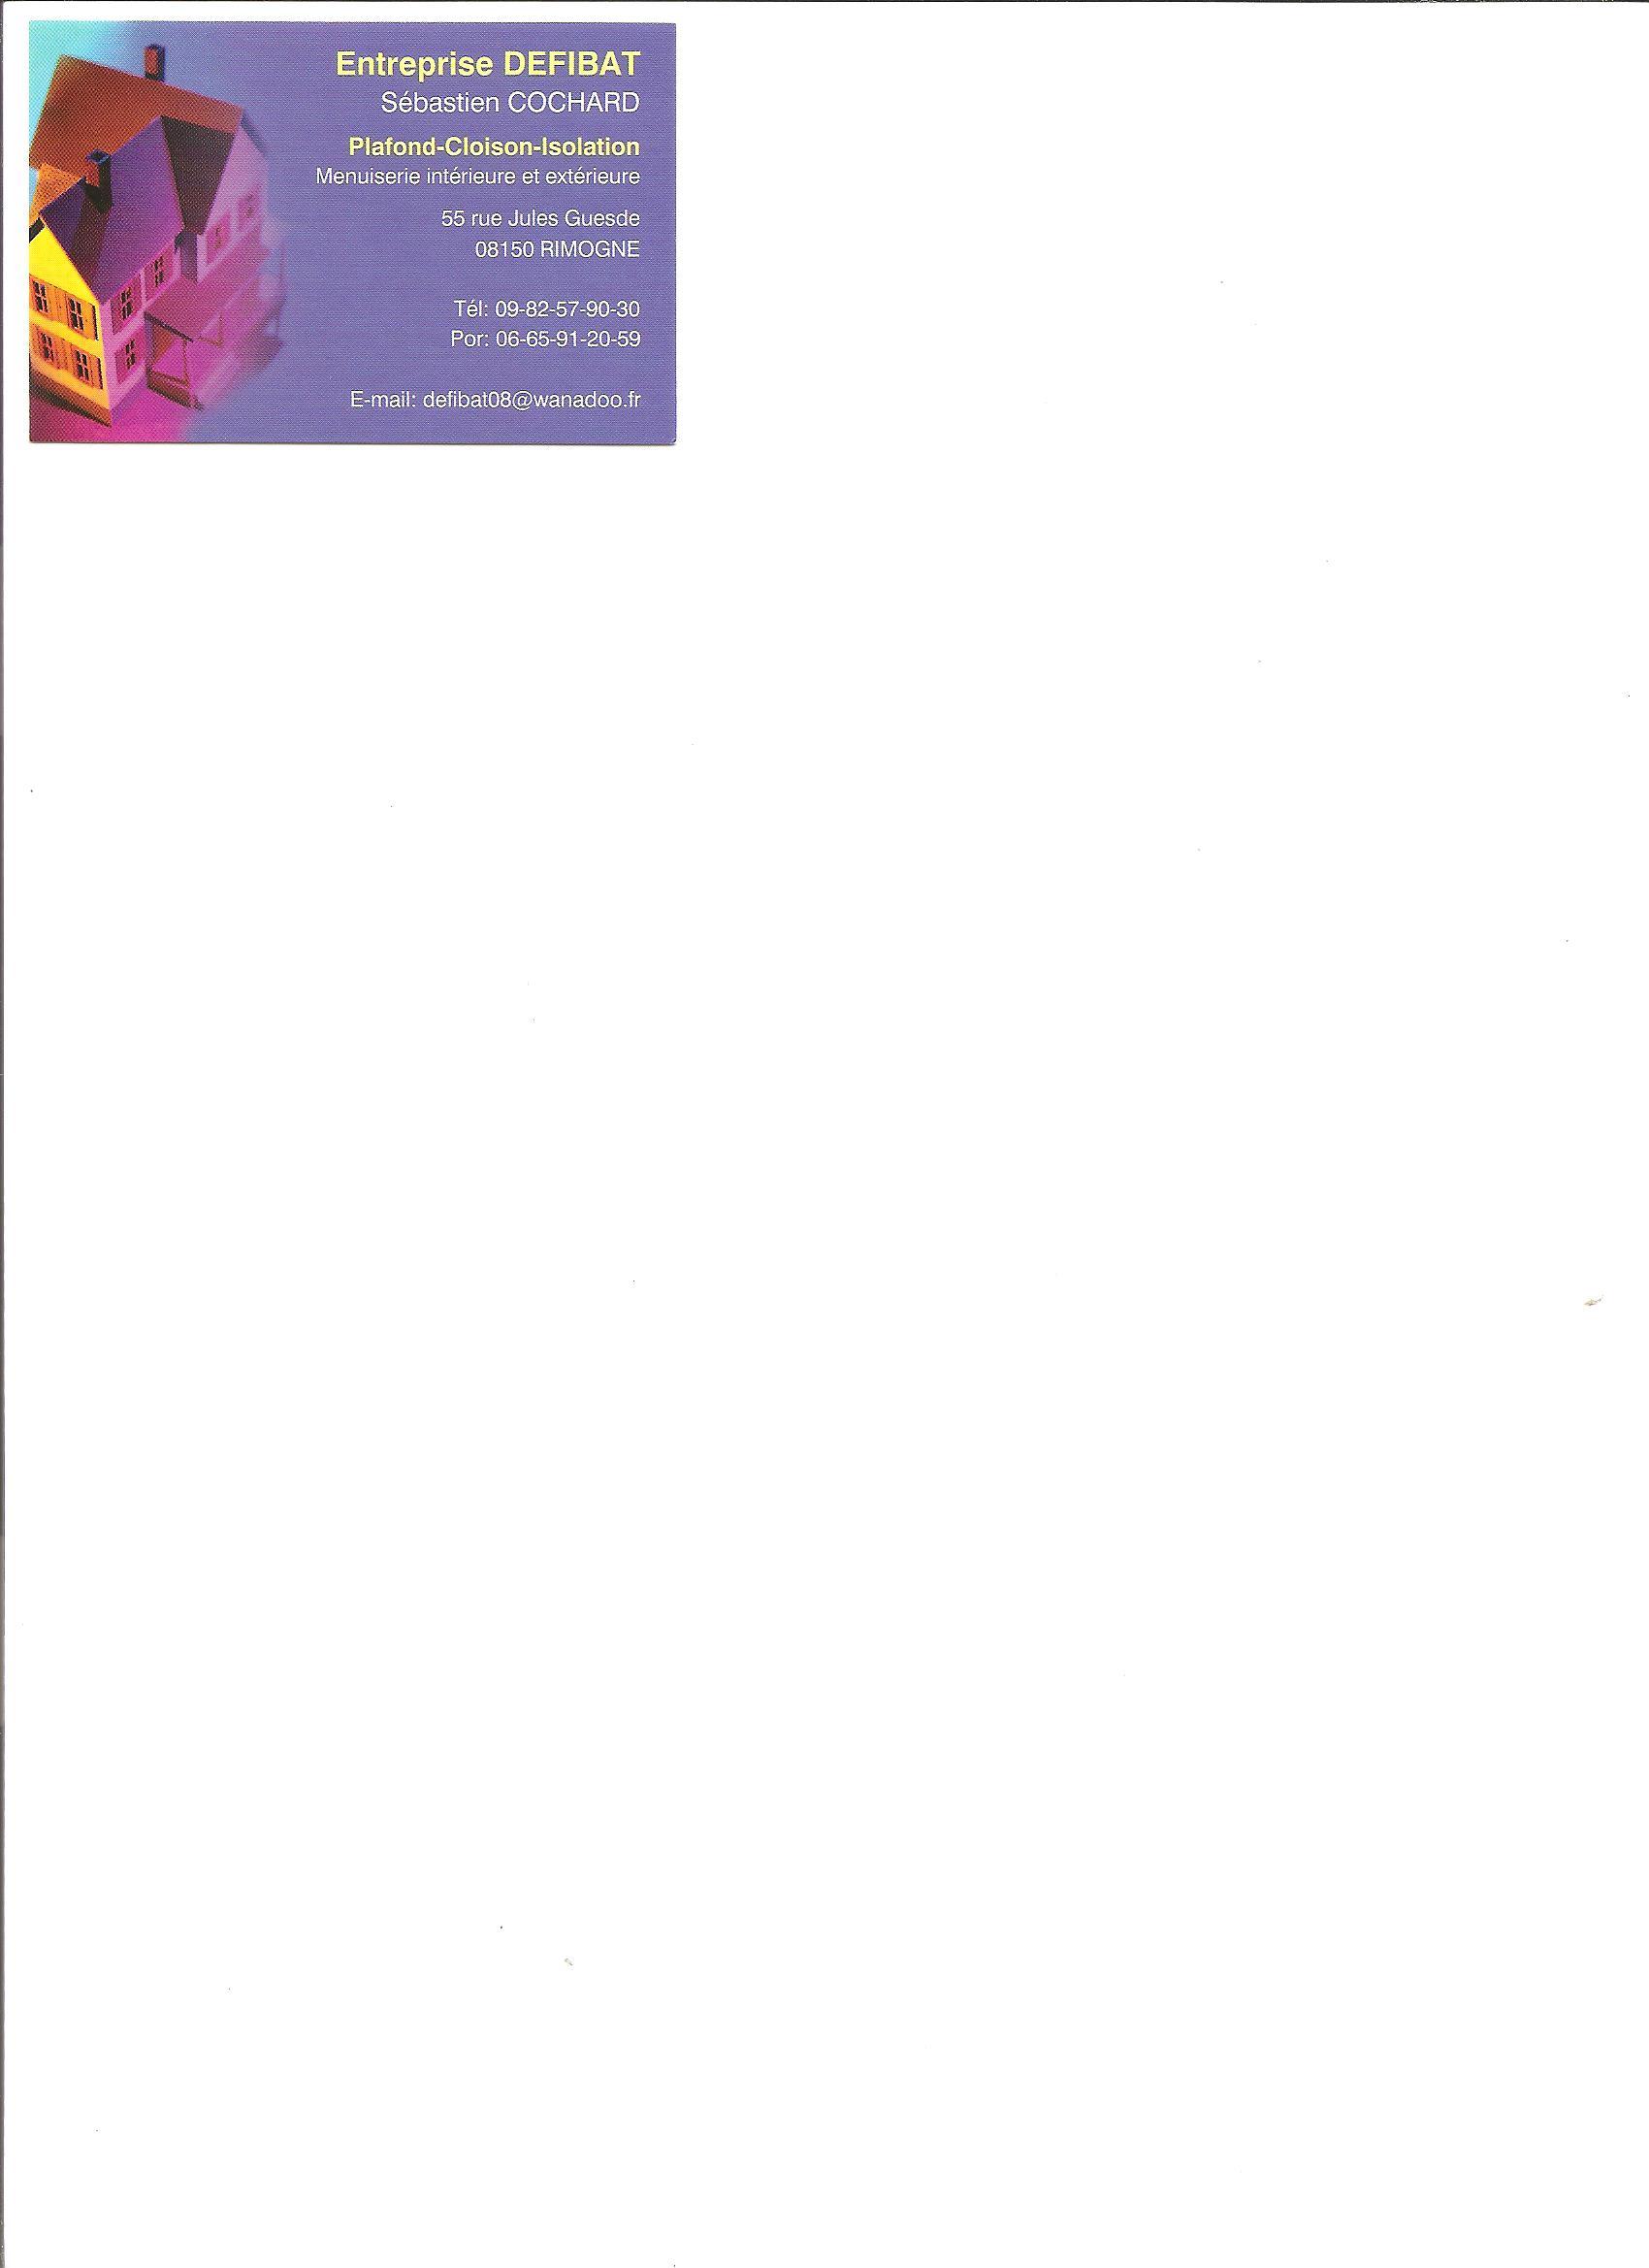 Logo de DEFIBAT, société de travaux en Combles : isolation thermique